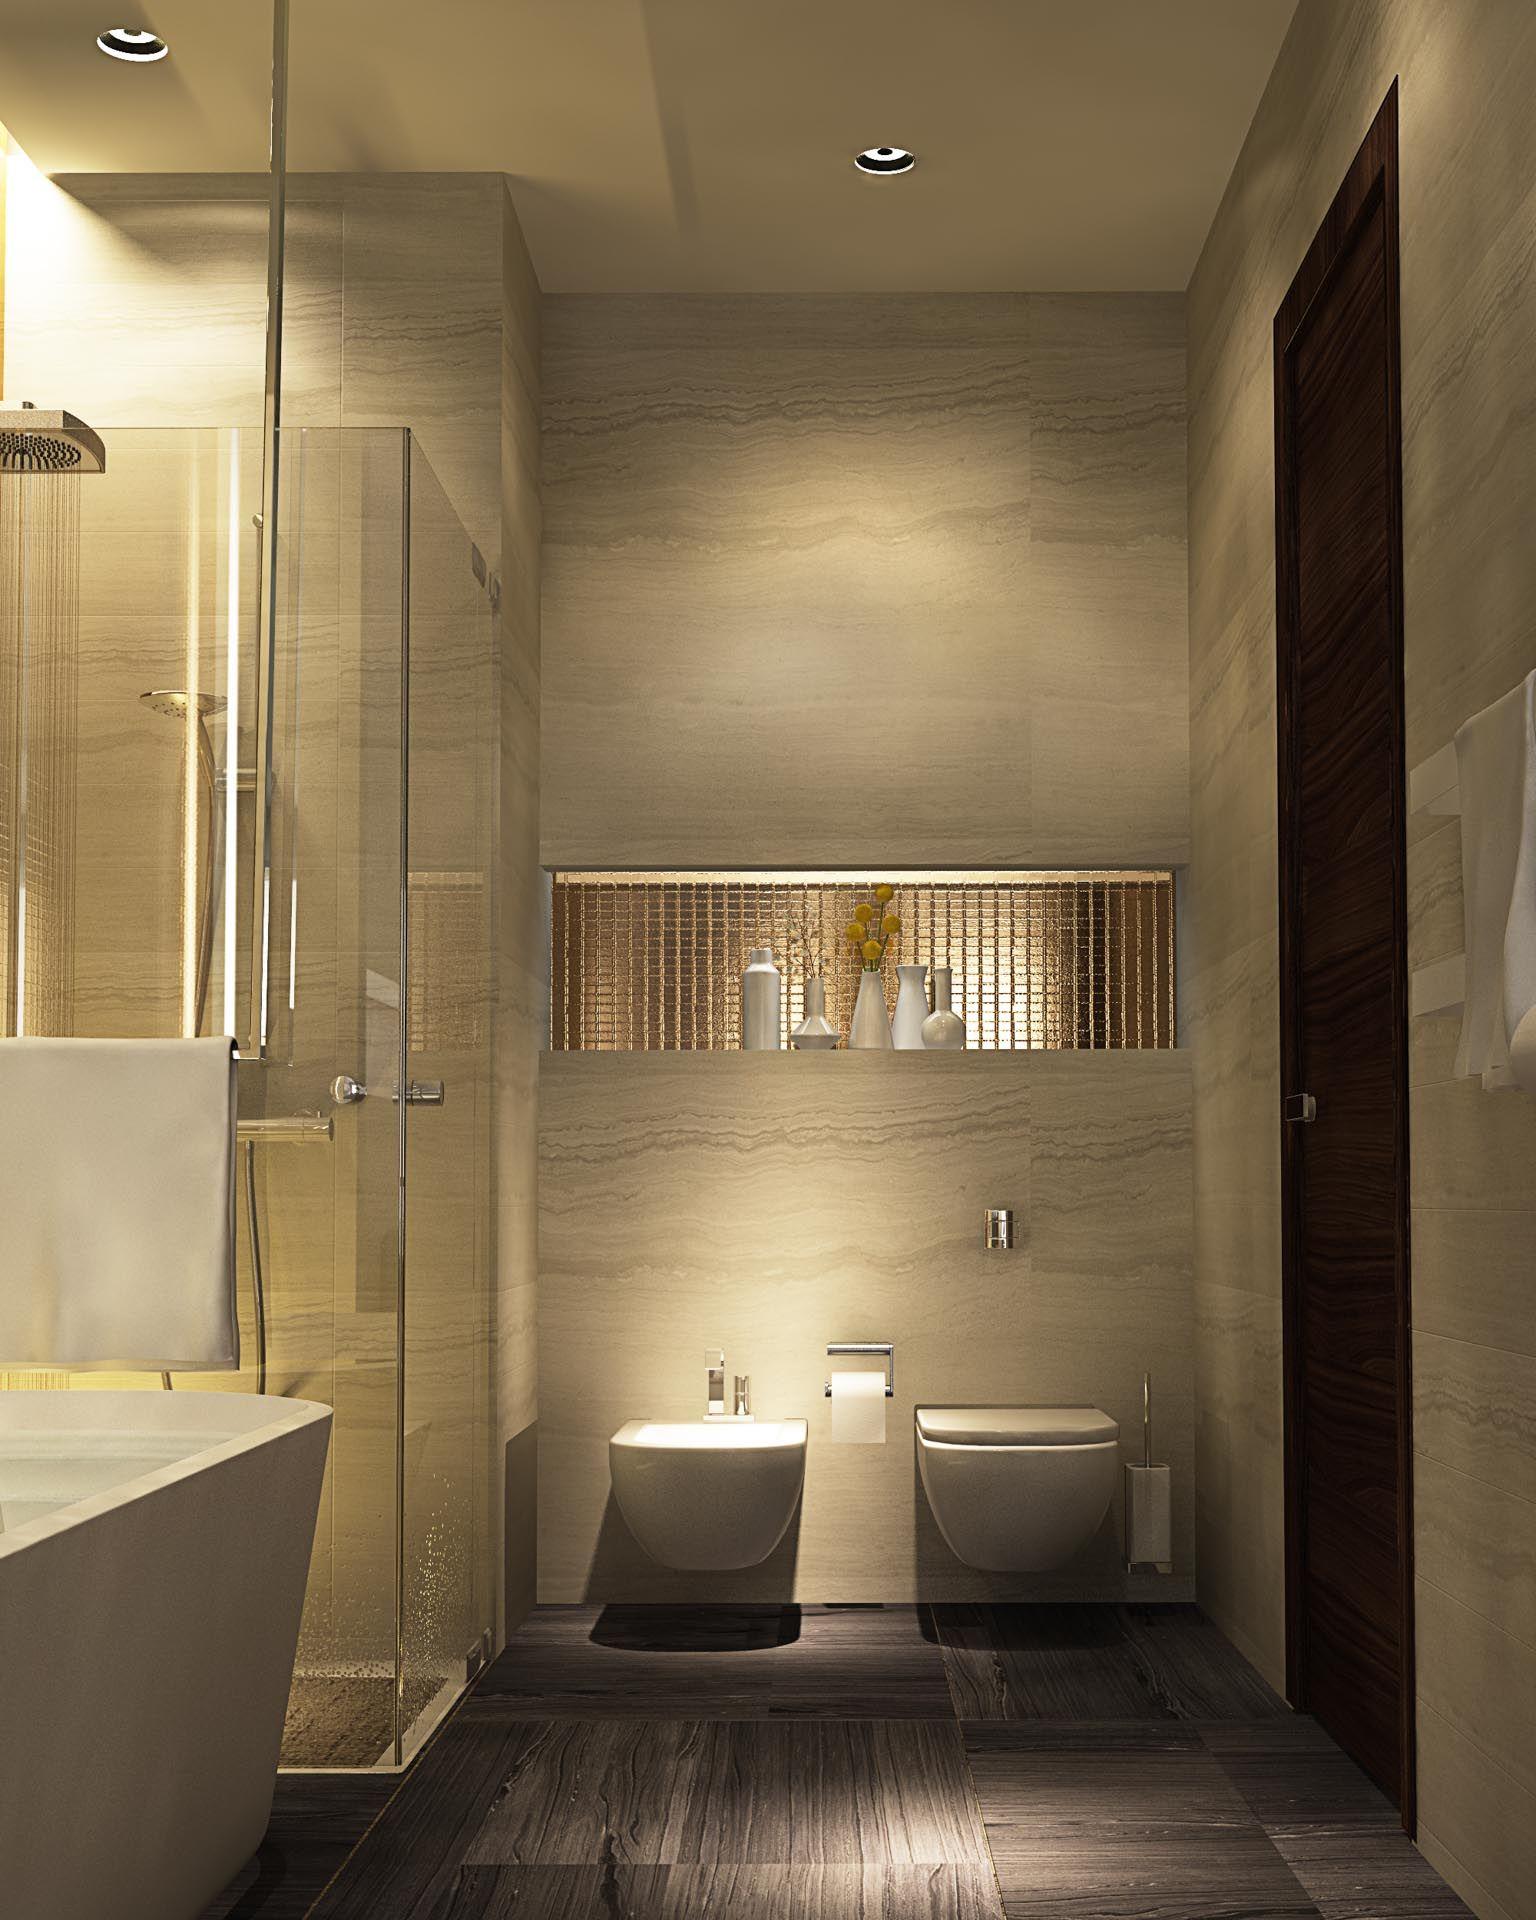 Huis Plans 2018 » indirecte verlichting toilet | Huis Plans